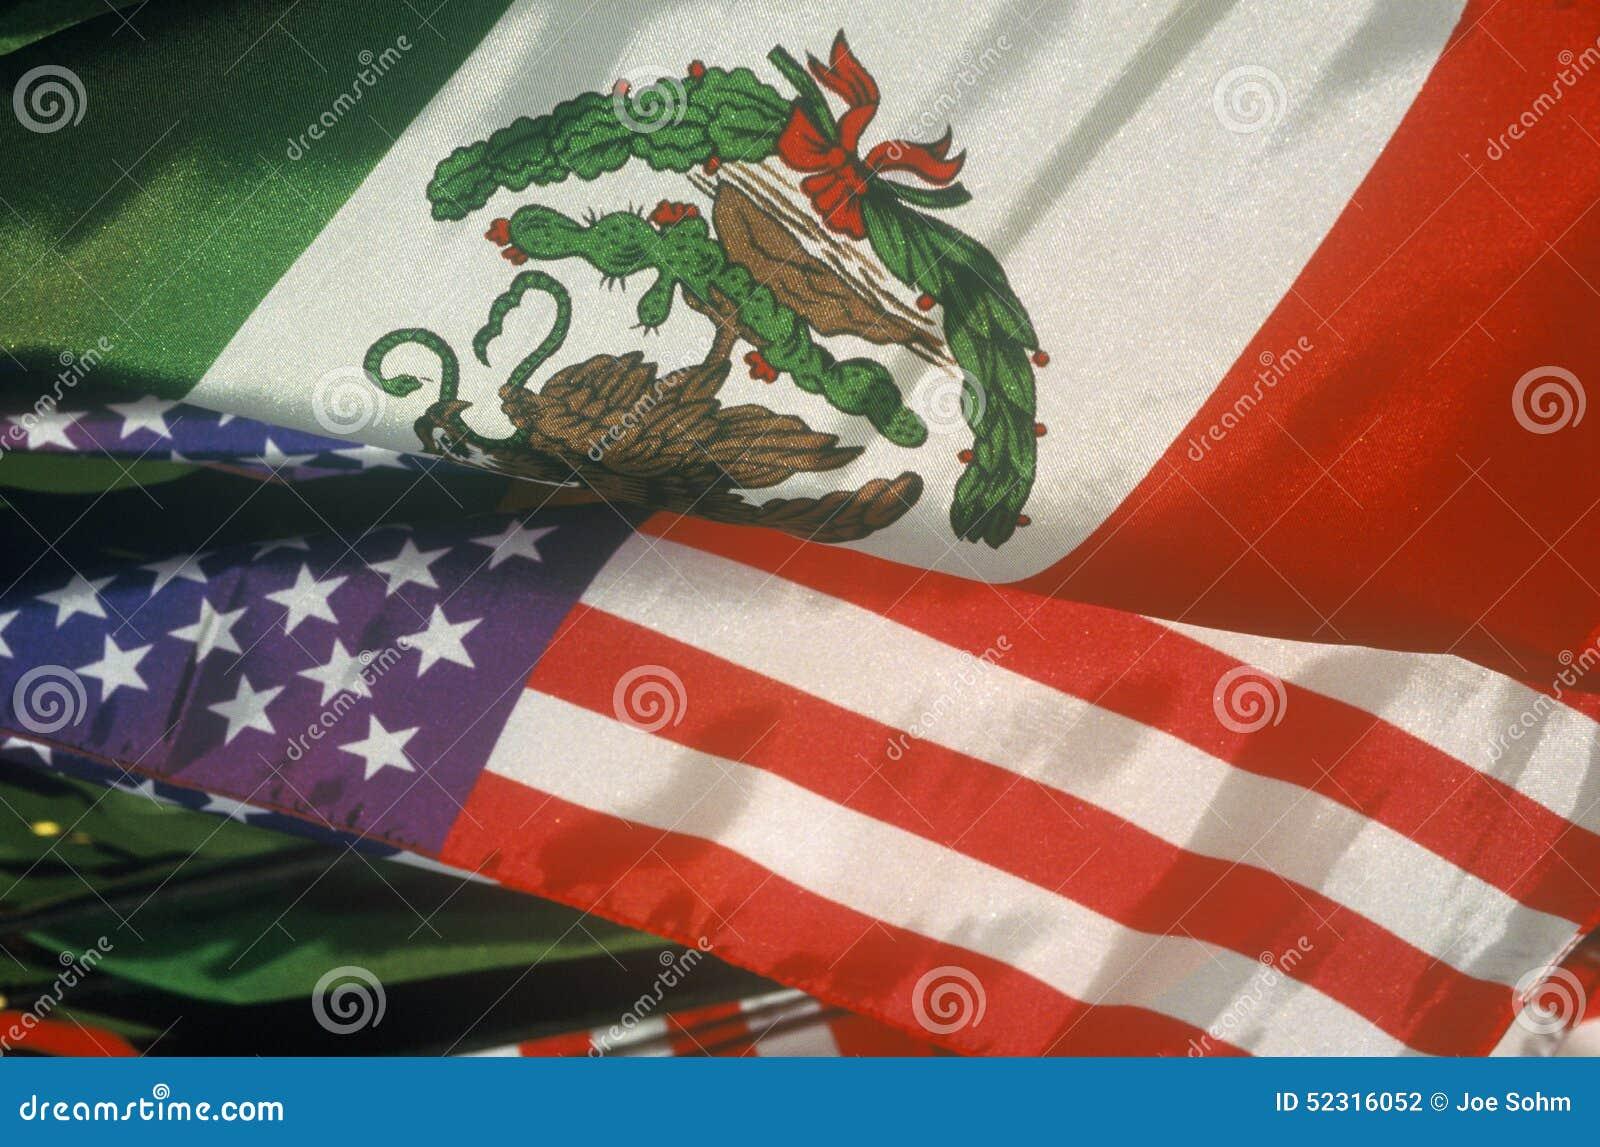 Cinco de Mayo, a Mexican/American holiday, on Olvera Street, Los Angeles, CA